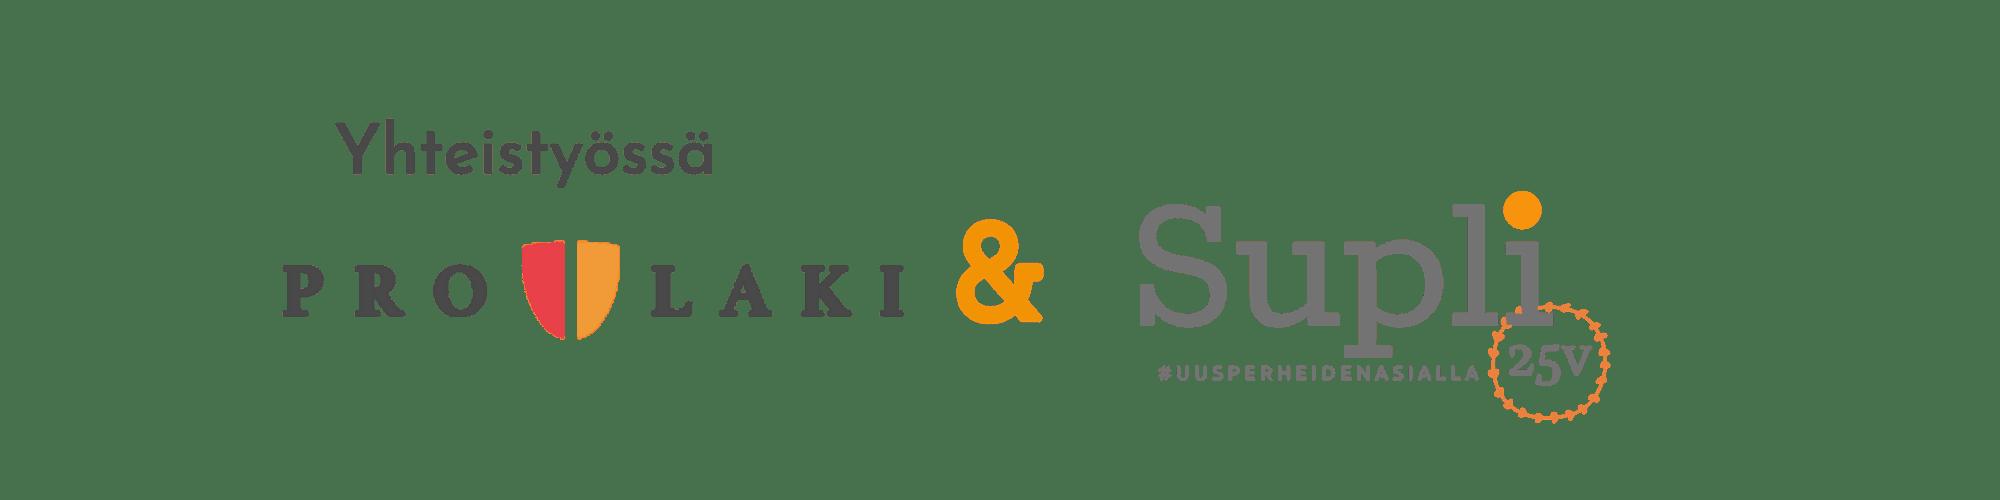 Yhteistyössä Pro Laki ja Supli